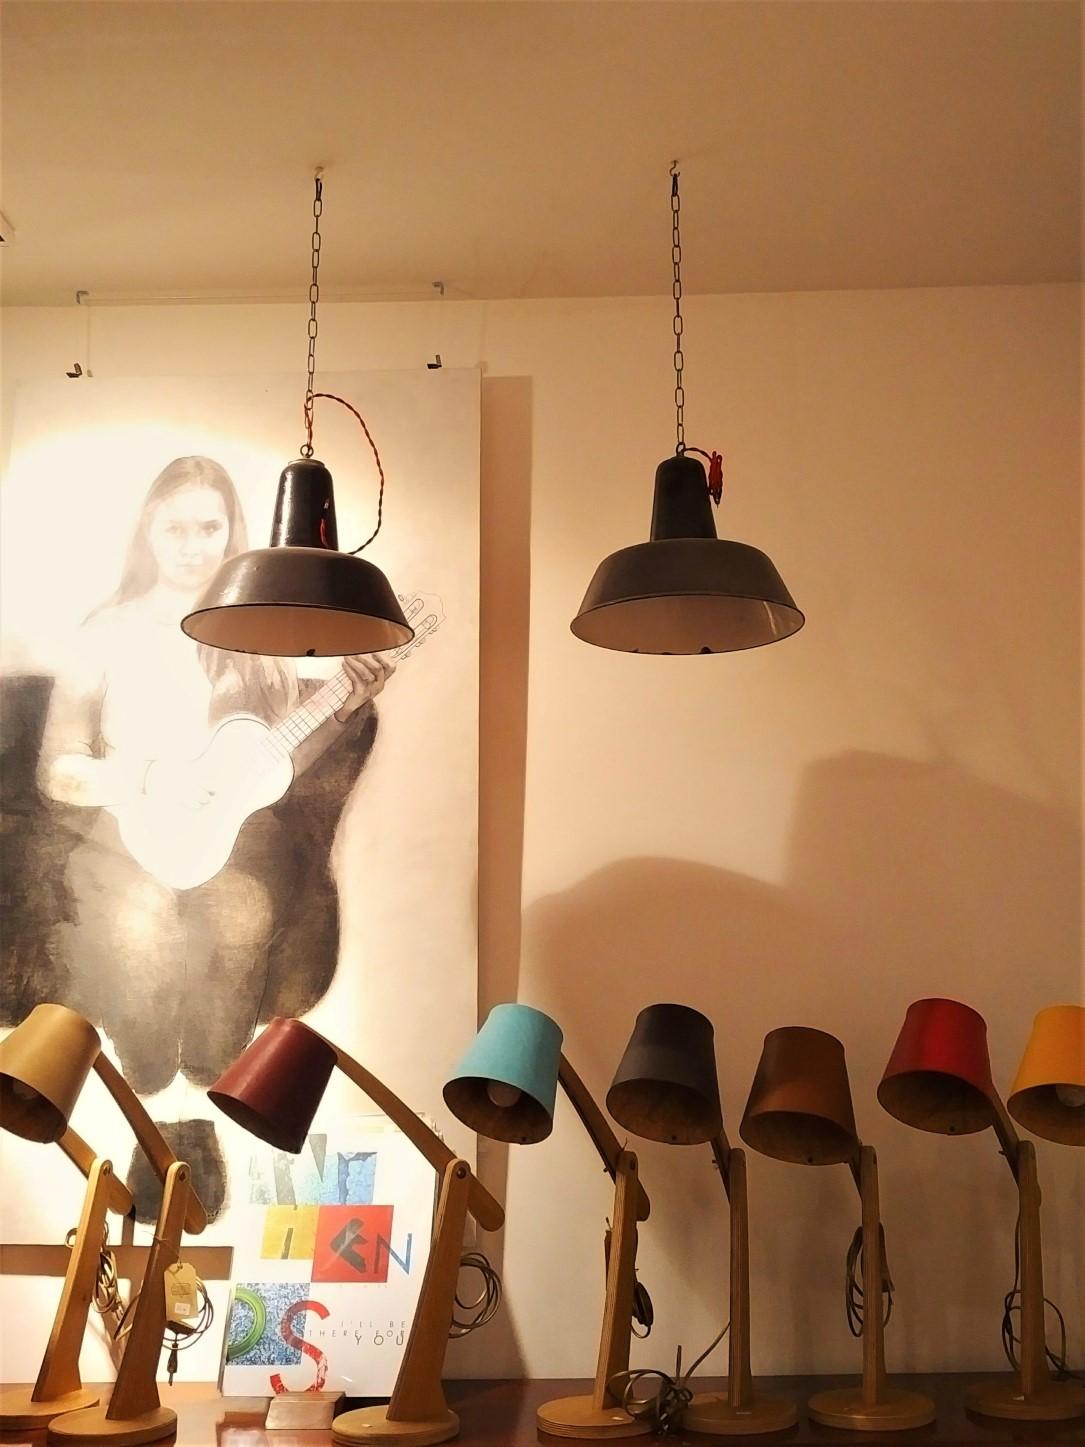 Porto Design Guide - Mercado 48 - Design Shop in Porto